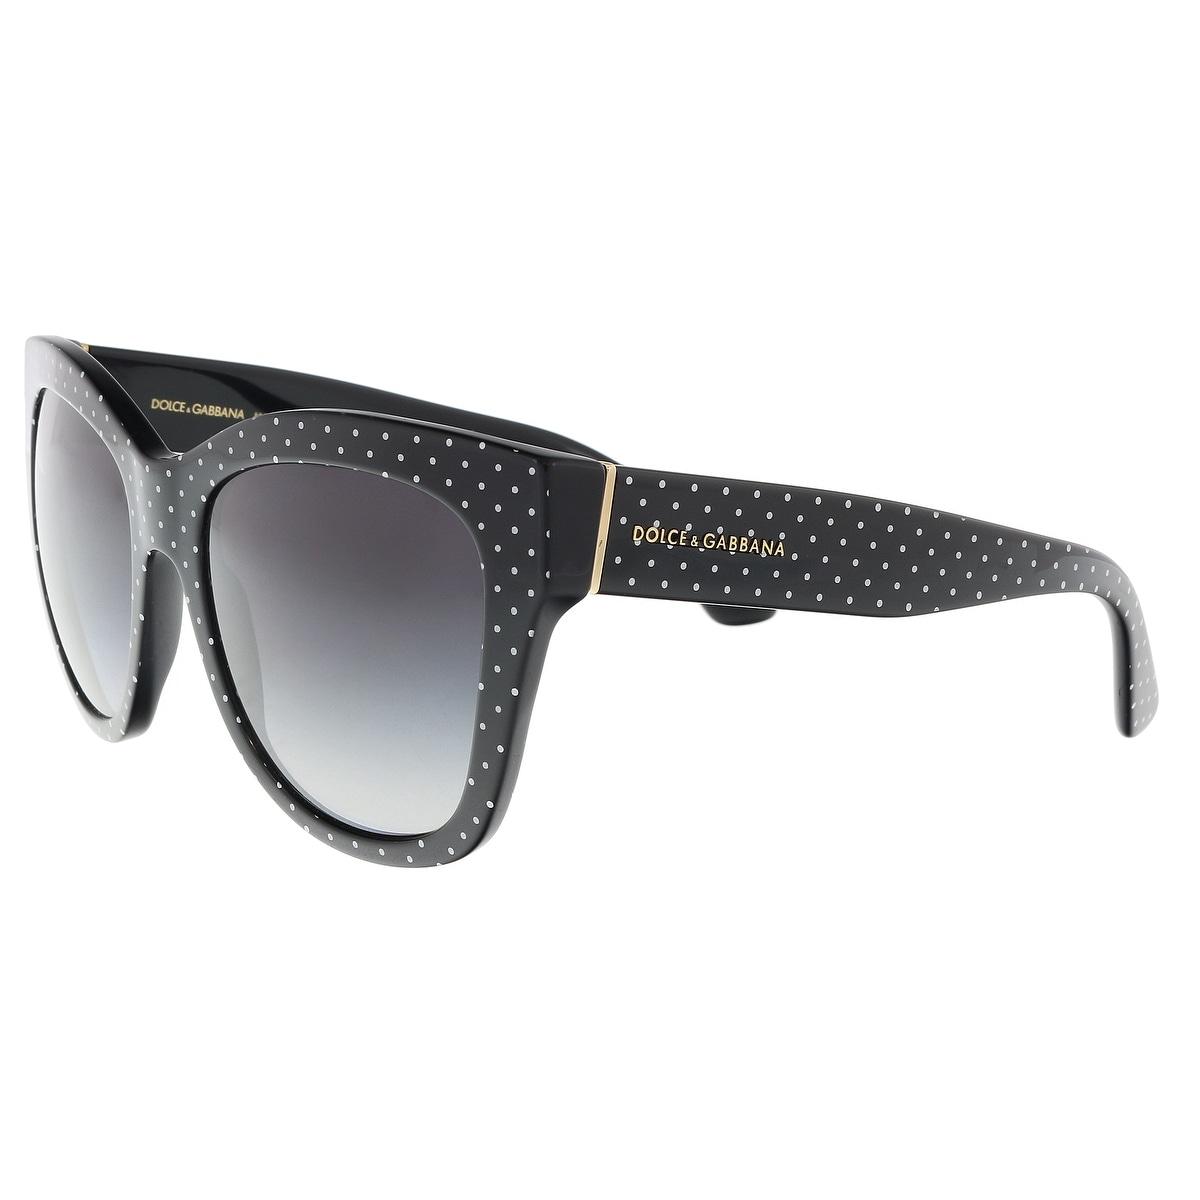 8ea1eb0646 Dolce   Gabbana DG4270 31268G Pois White on Black Square Sunglasses -  55-19-140